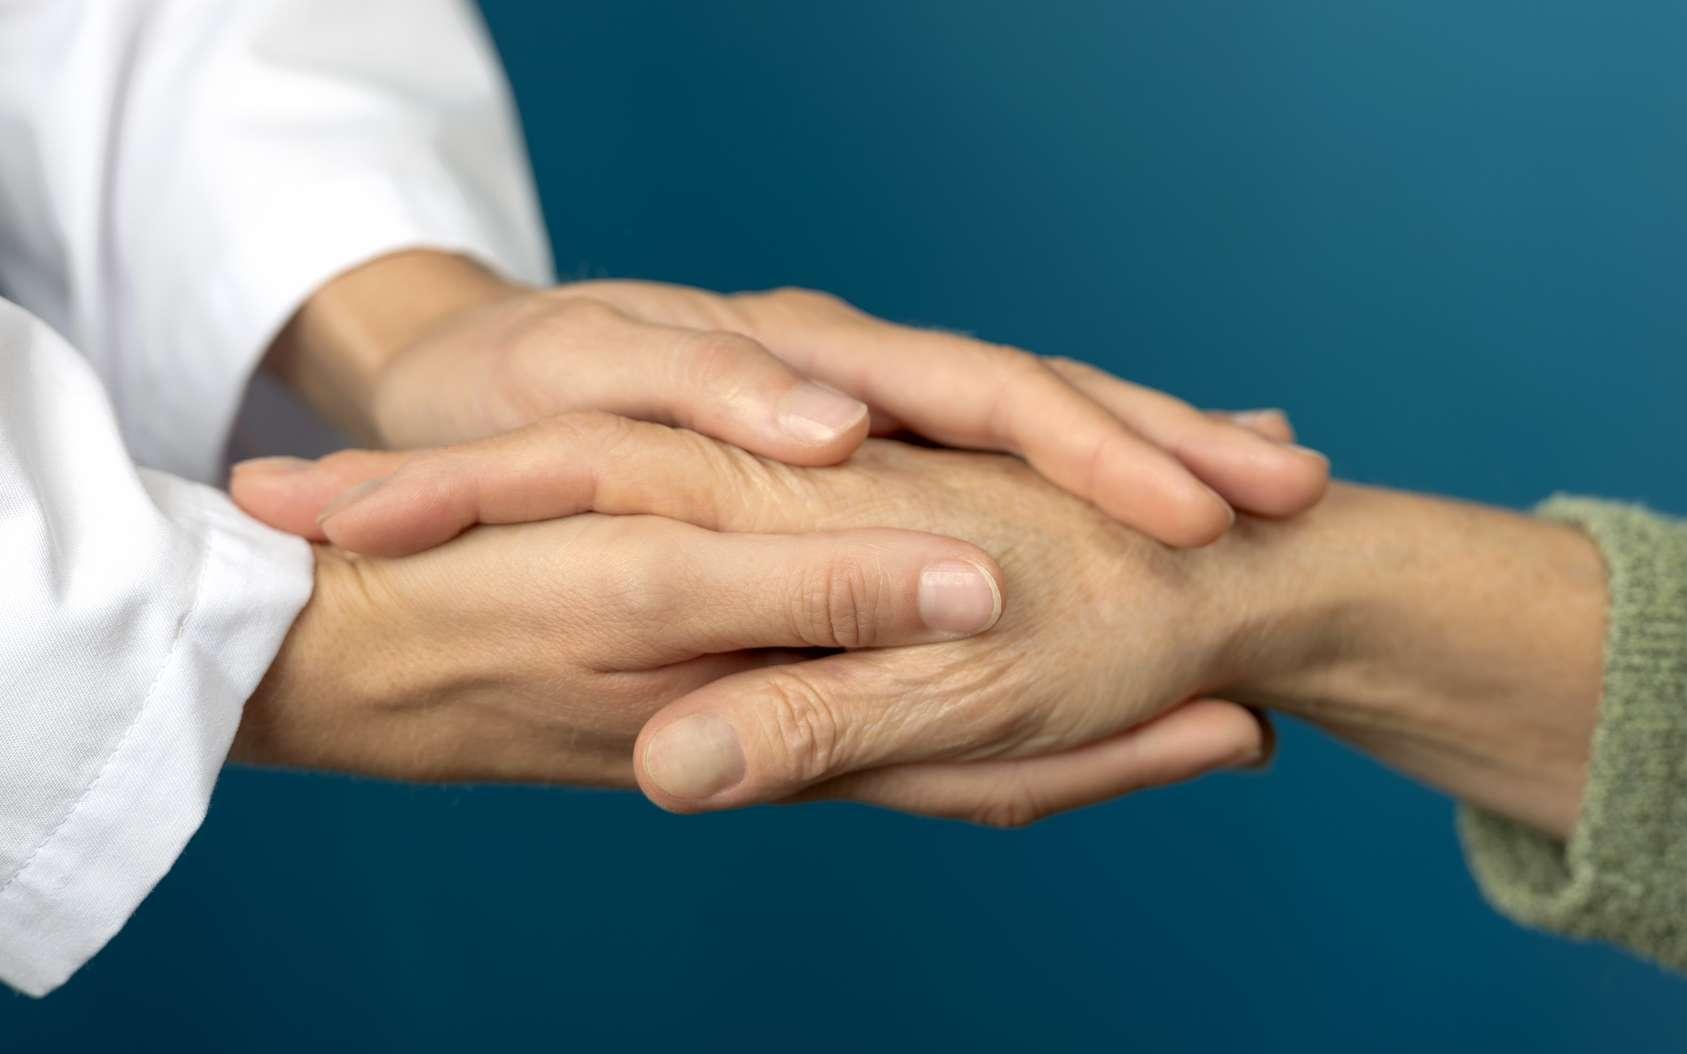 Souvent source de réconfort et d'écoute, l'aide-soignant a une relation très particulière avec le malade. © koszivu, Fotolia.